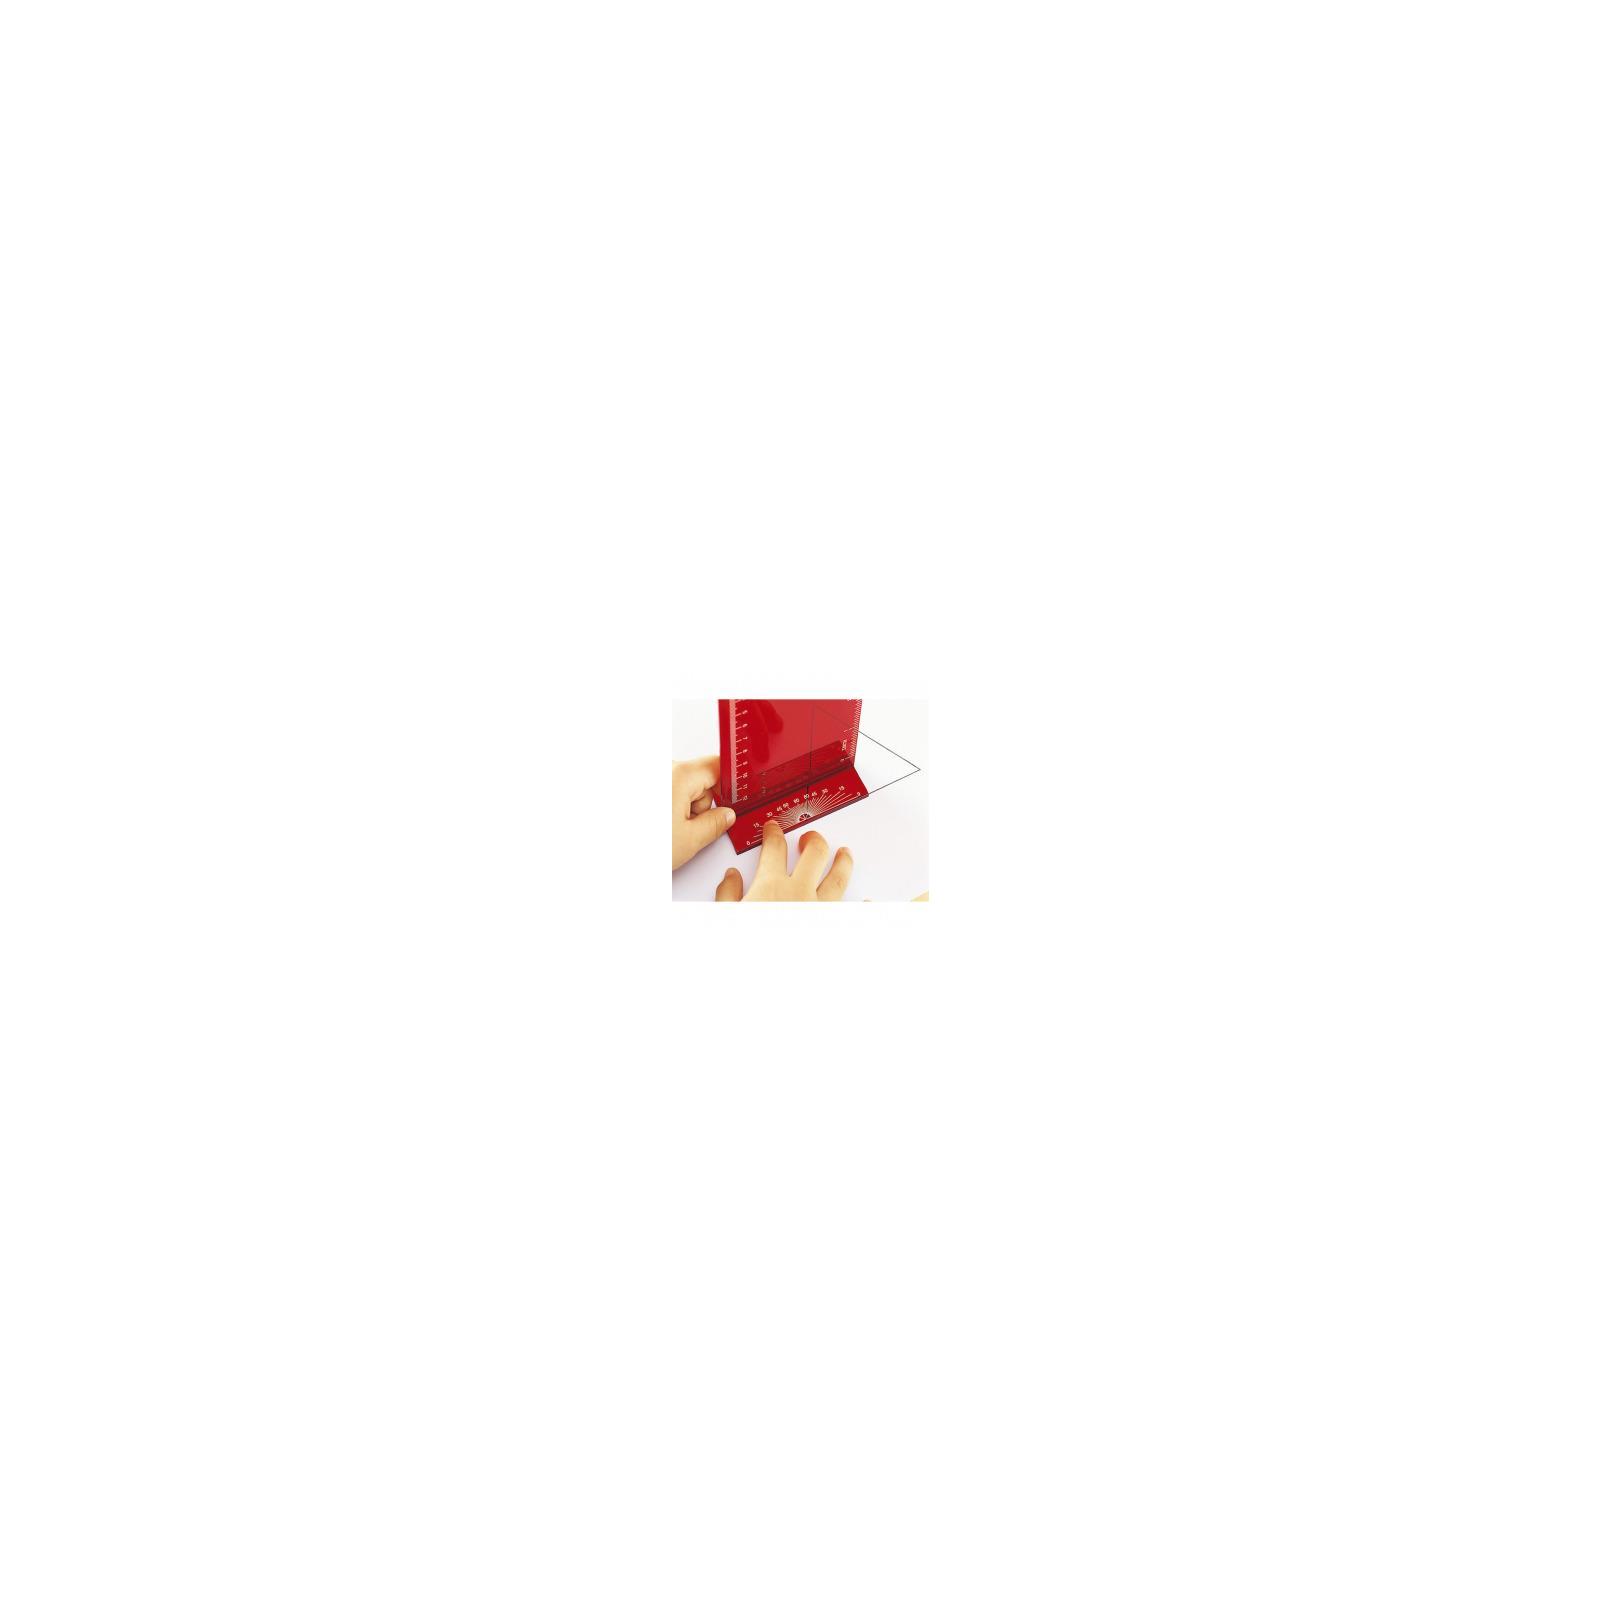 Обучающий набор Gigo Математическое зеркало (1062) изображение 3